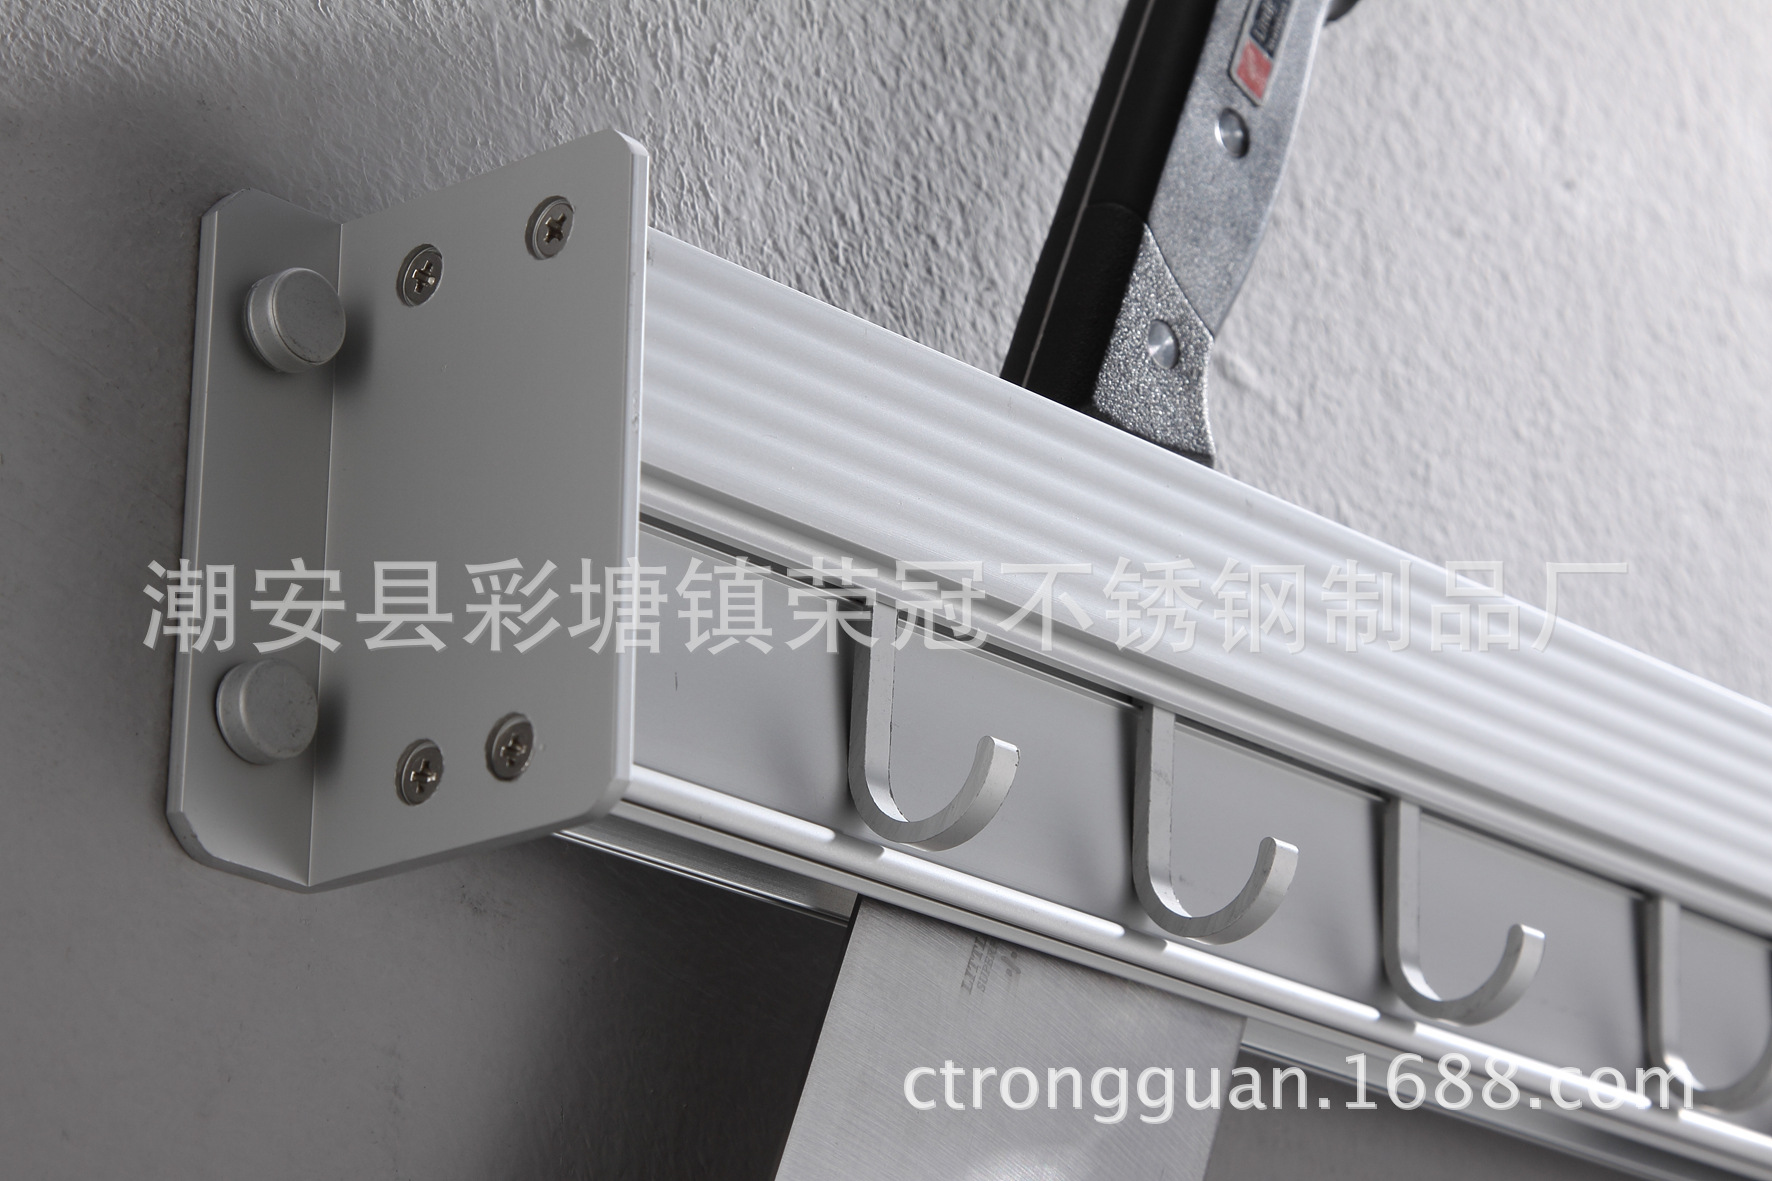 荣冠精品太空铝刀架,组合刀架,不锈钢刀架【CD4】等厨房